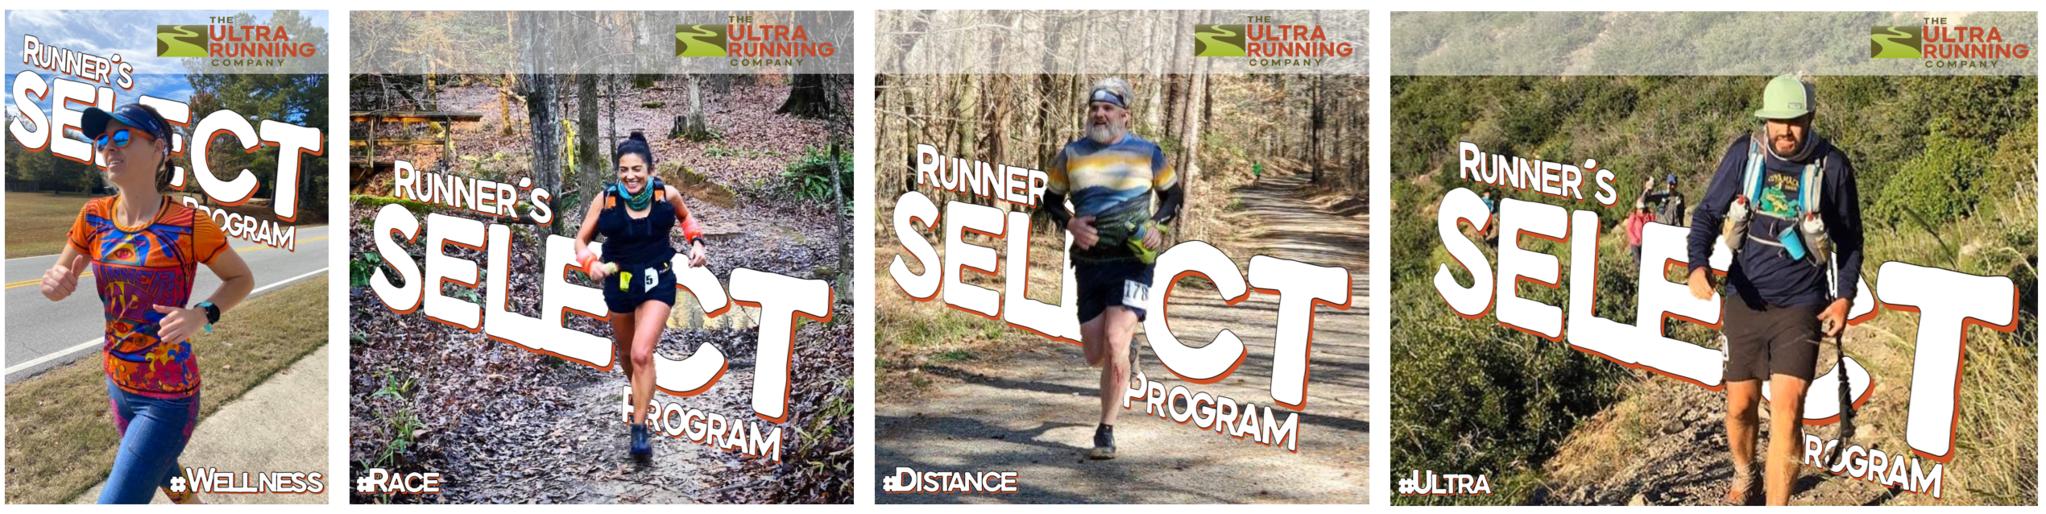 Runner's Select